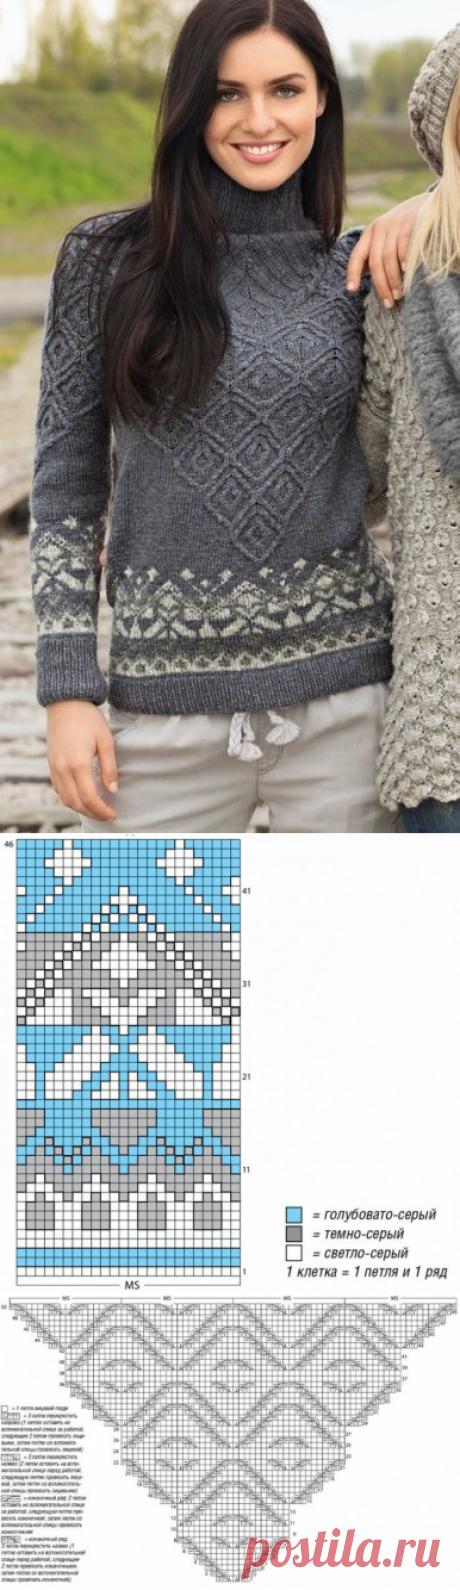 306005b61ff Интересный свитер  жаккардовые и рельефные узоры из категории Интересные  идеи – Вязаные идеи